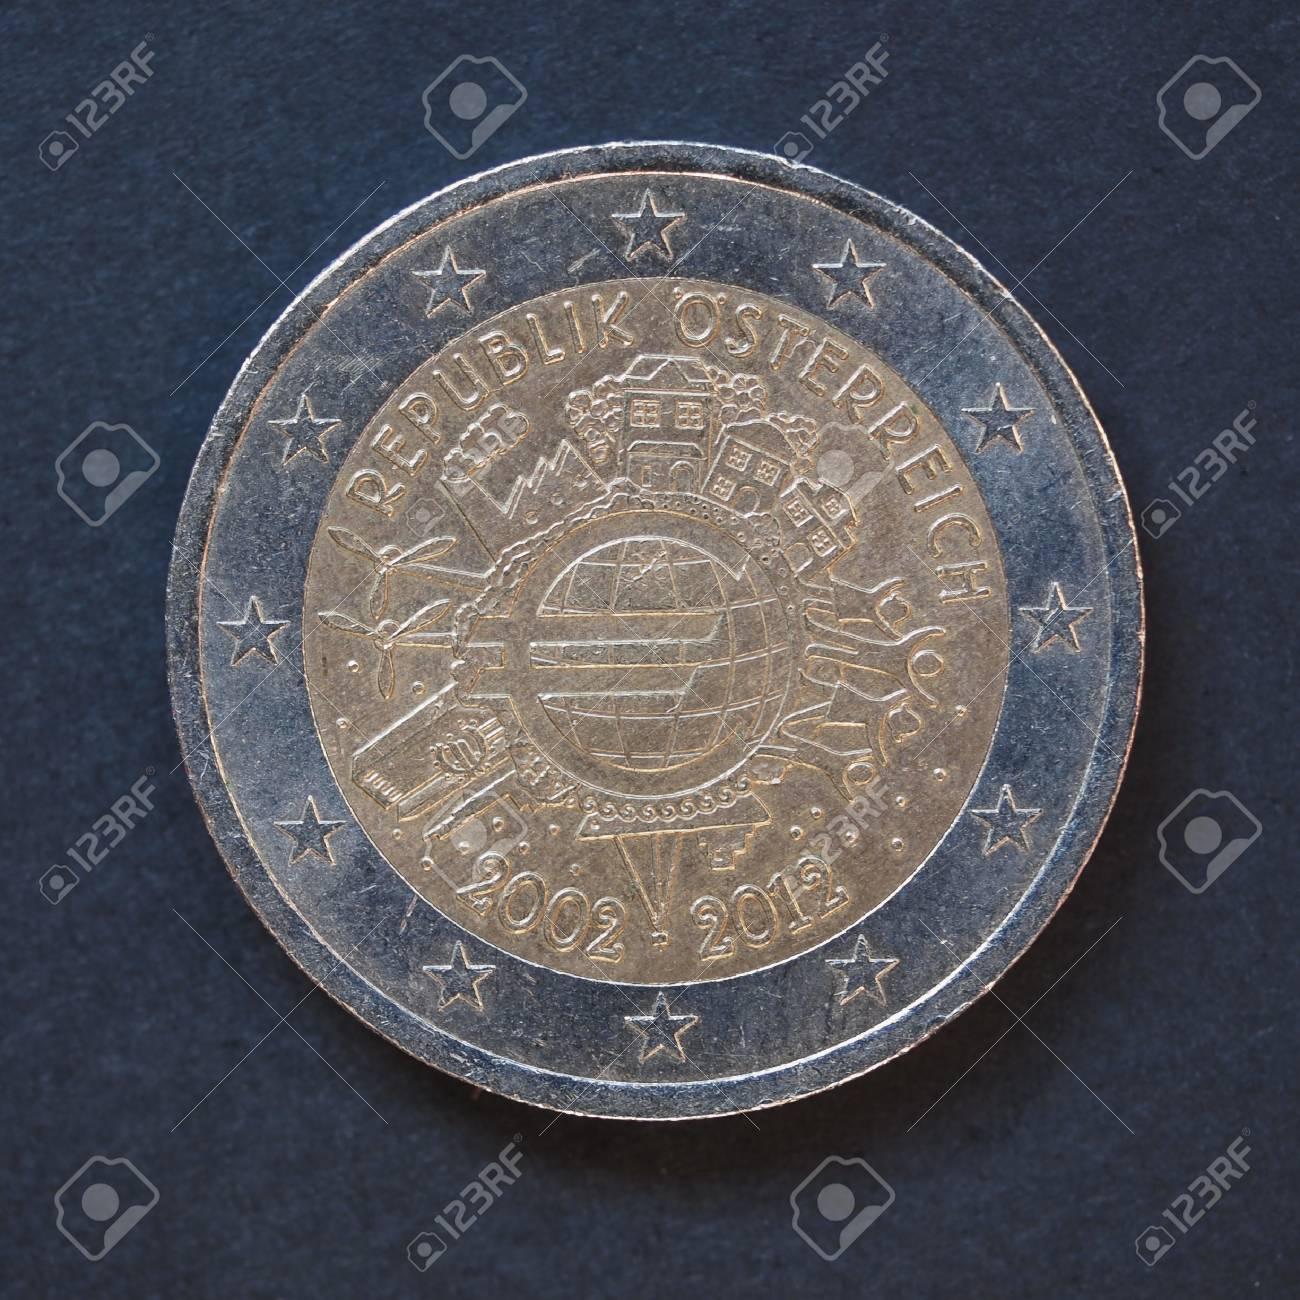 Gedenk 2 Euro Münze österreich 2012 10 Jahrestag Der Euro